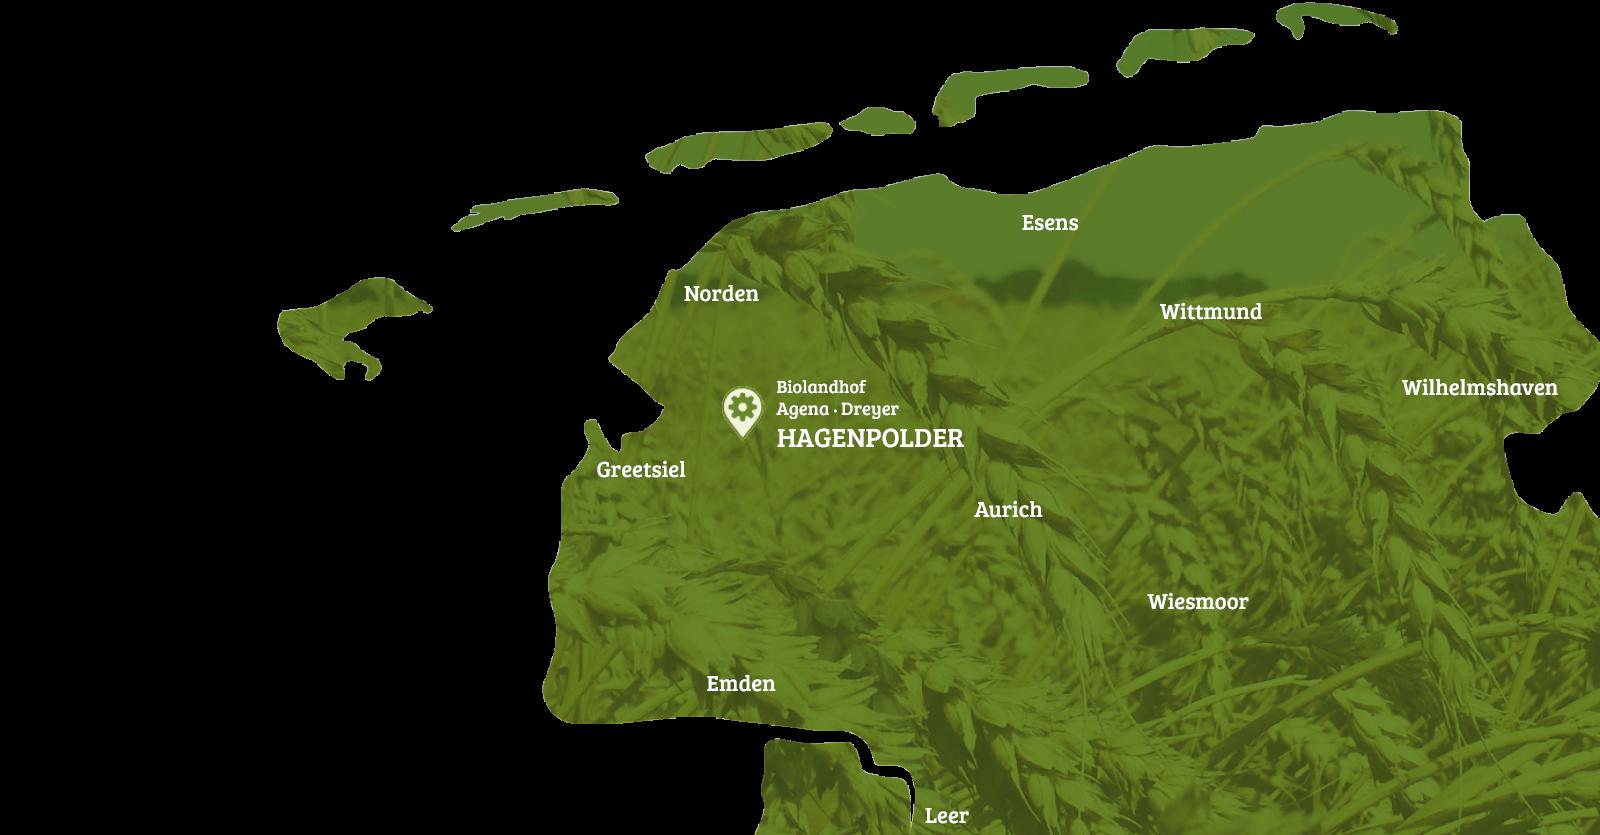 Liefergebiet des Bioland-Hof Agena